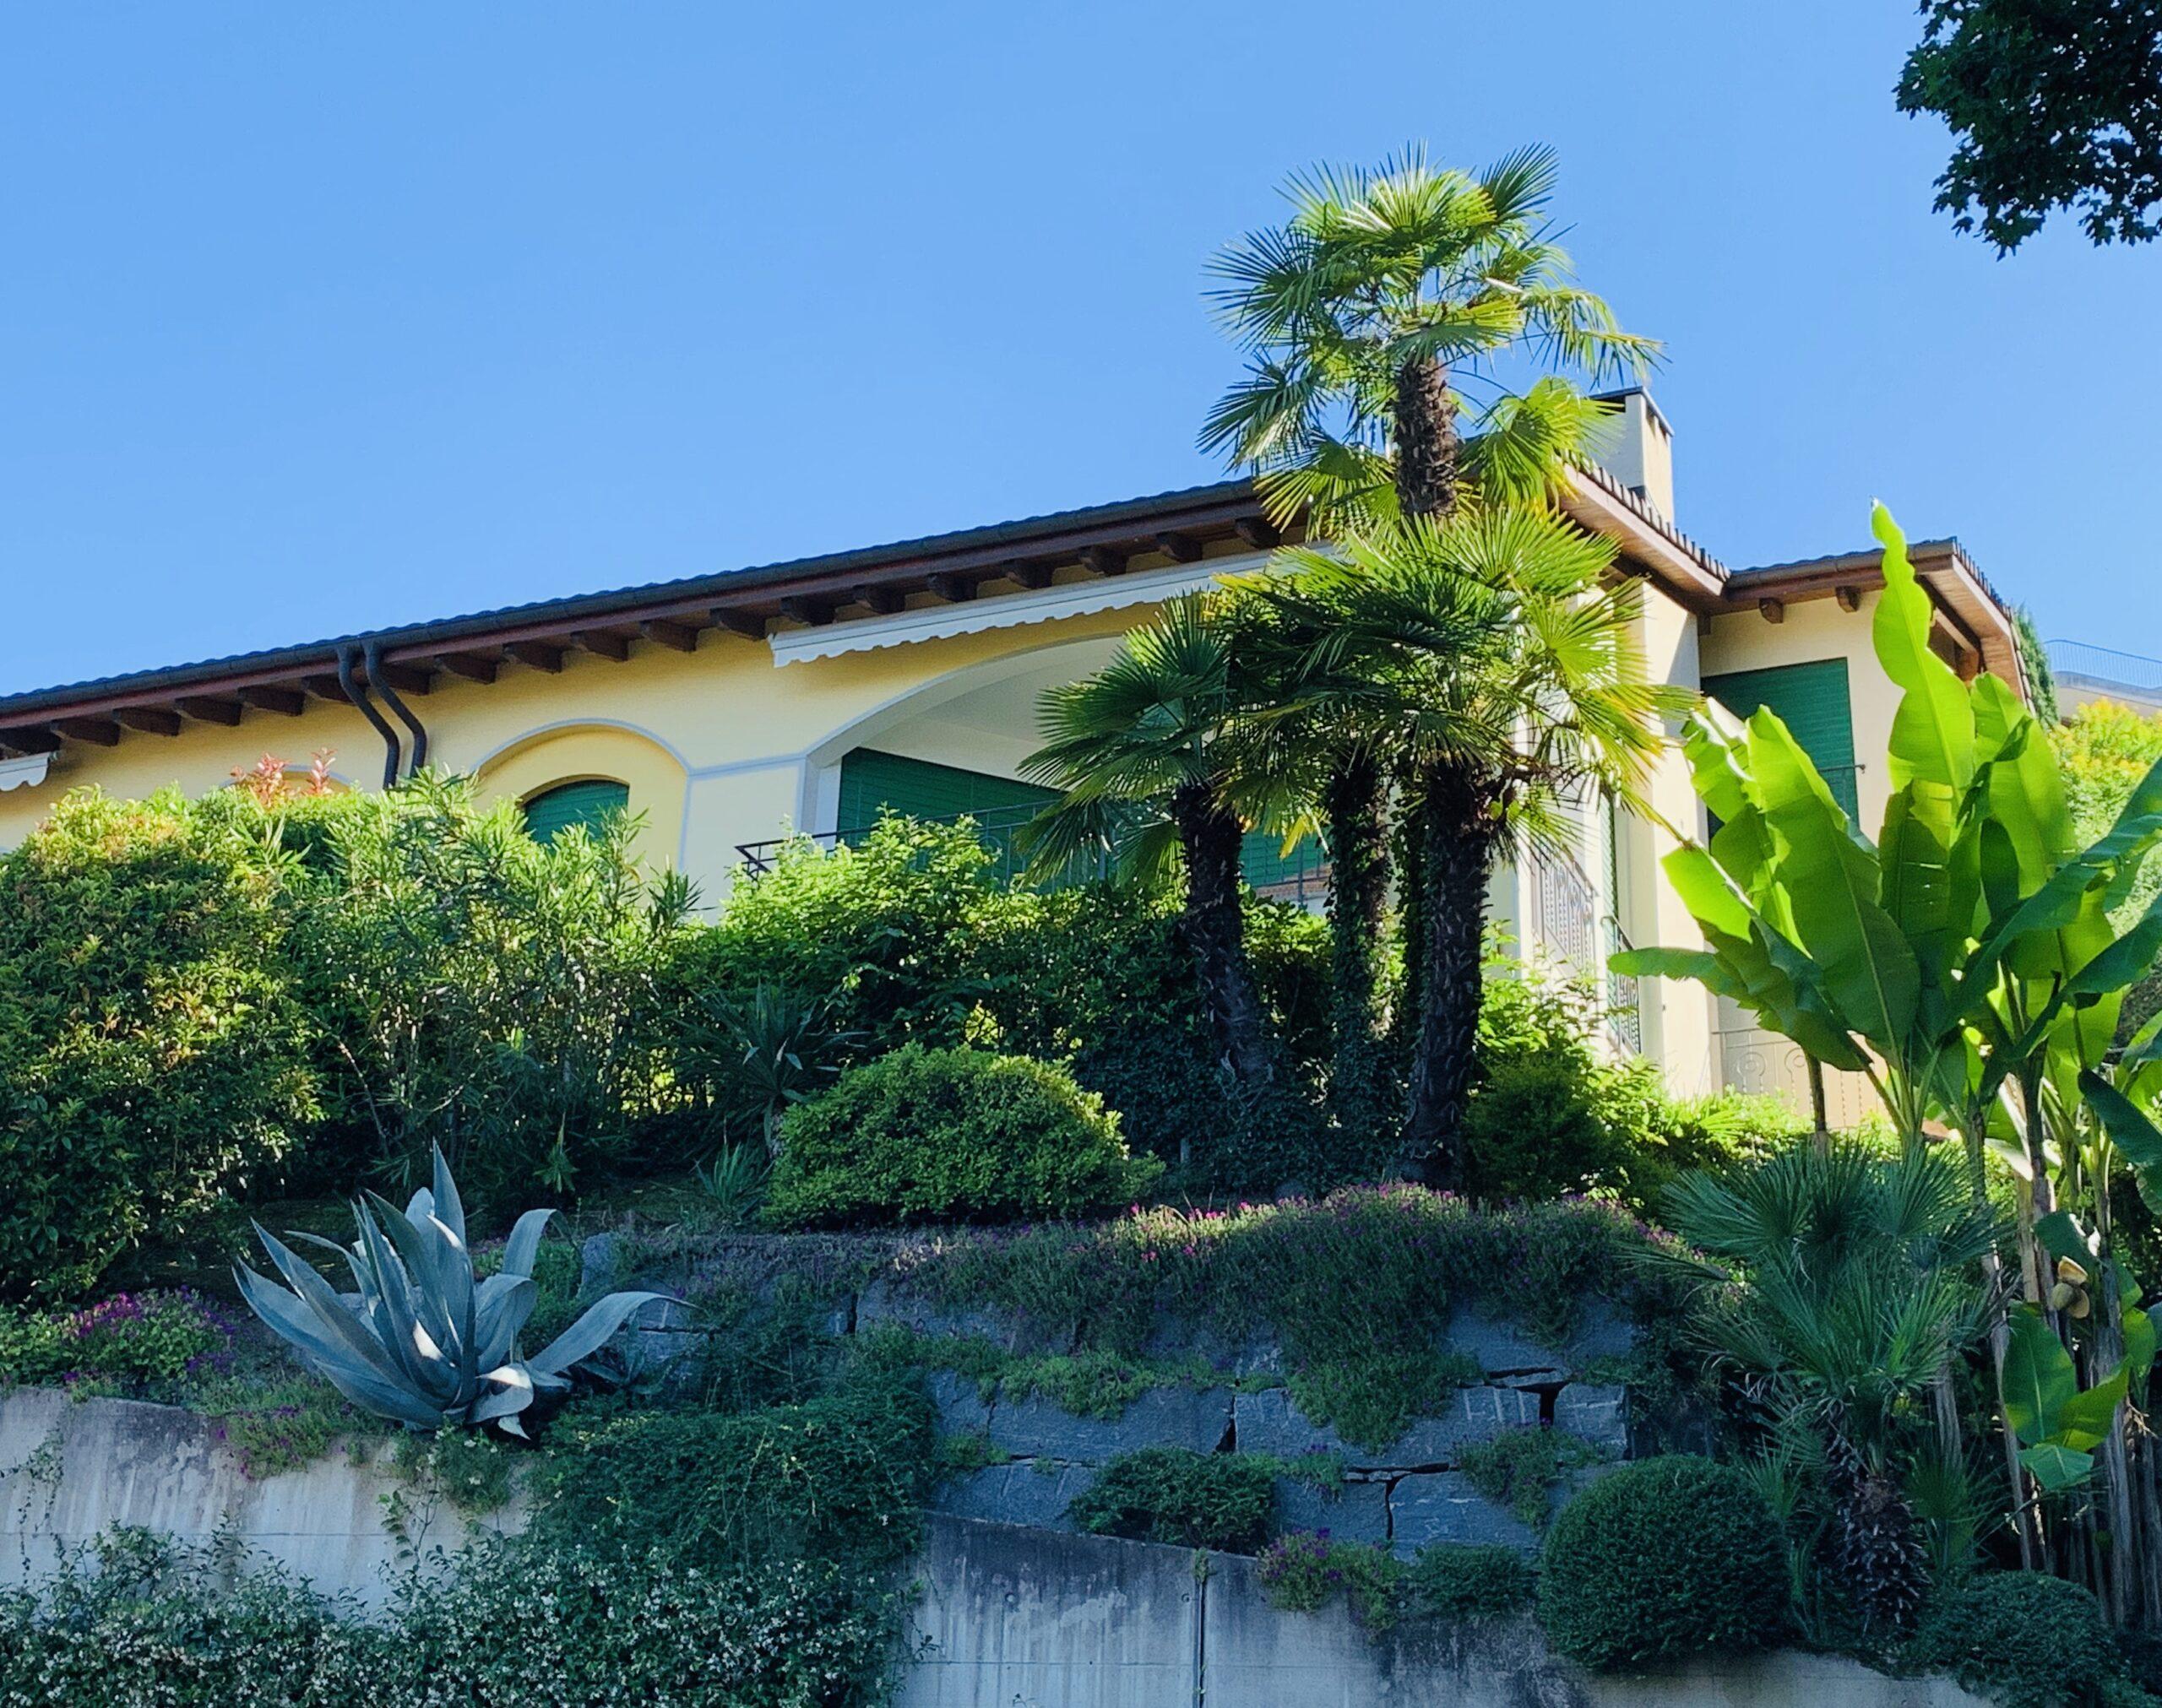 LUGANO – VIGANELLO ALTA – 4.5 locali in affitto in classica palazzina, giardino e vista aperta